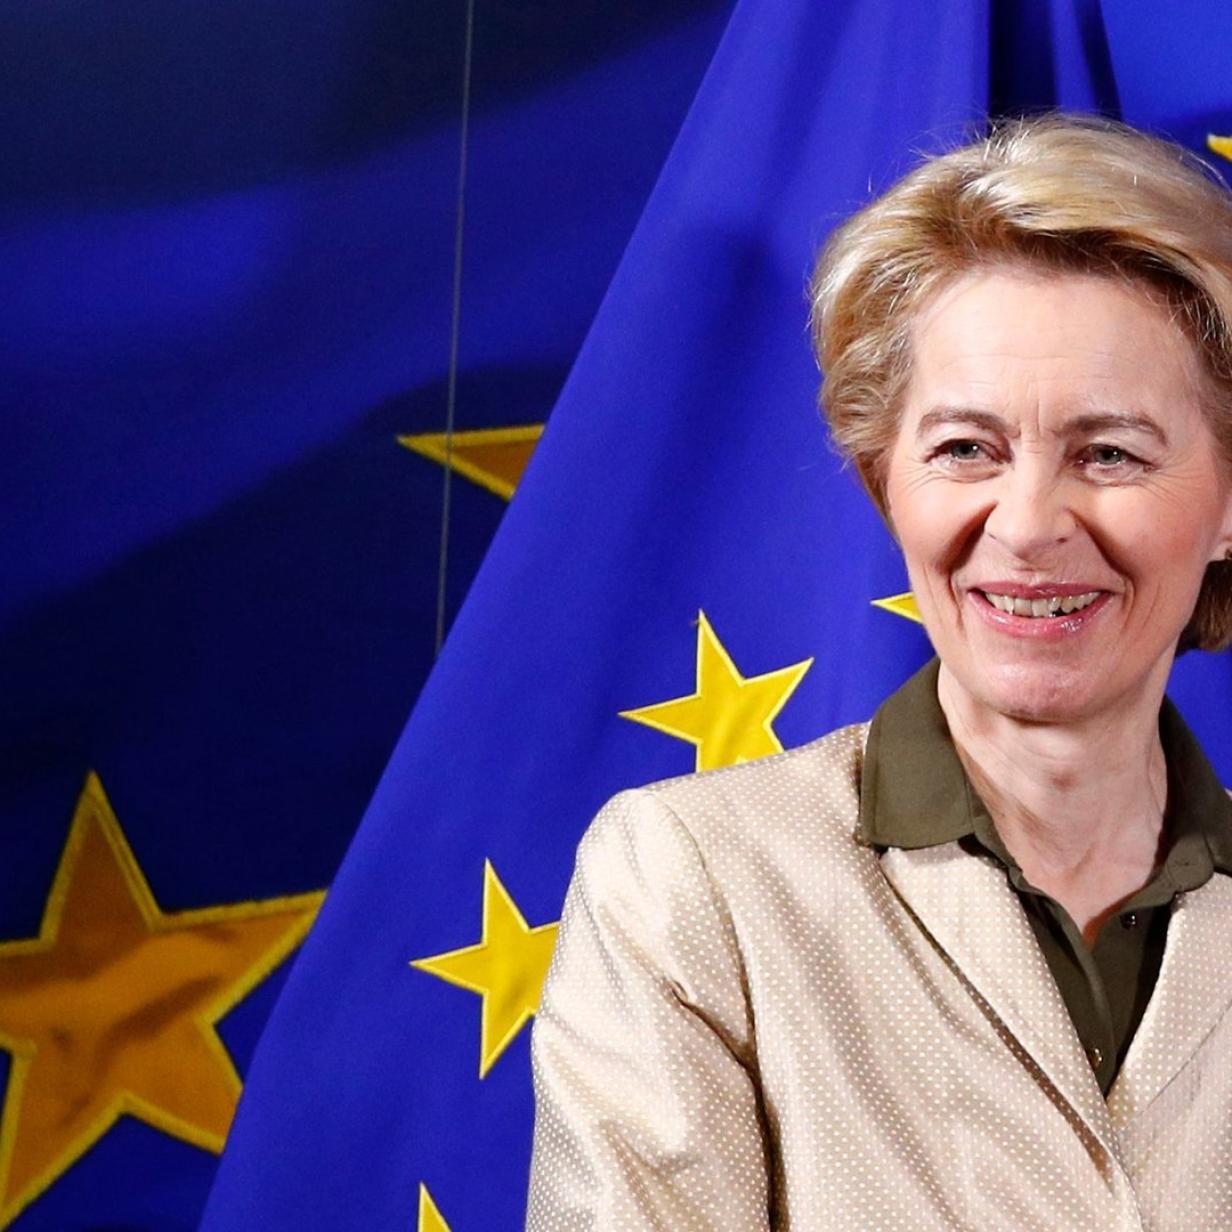 Europa hat eine neue Nummer - alle Fakten zur neuen EU-Kommission